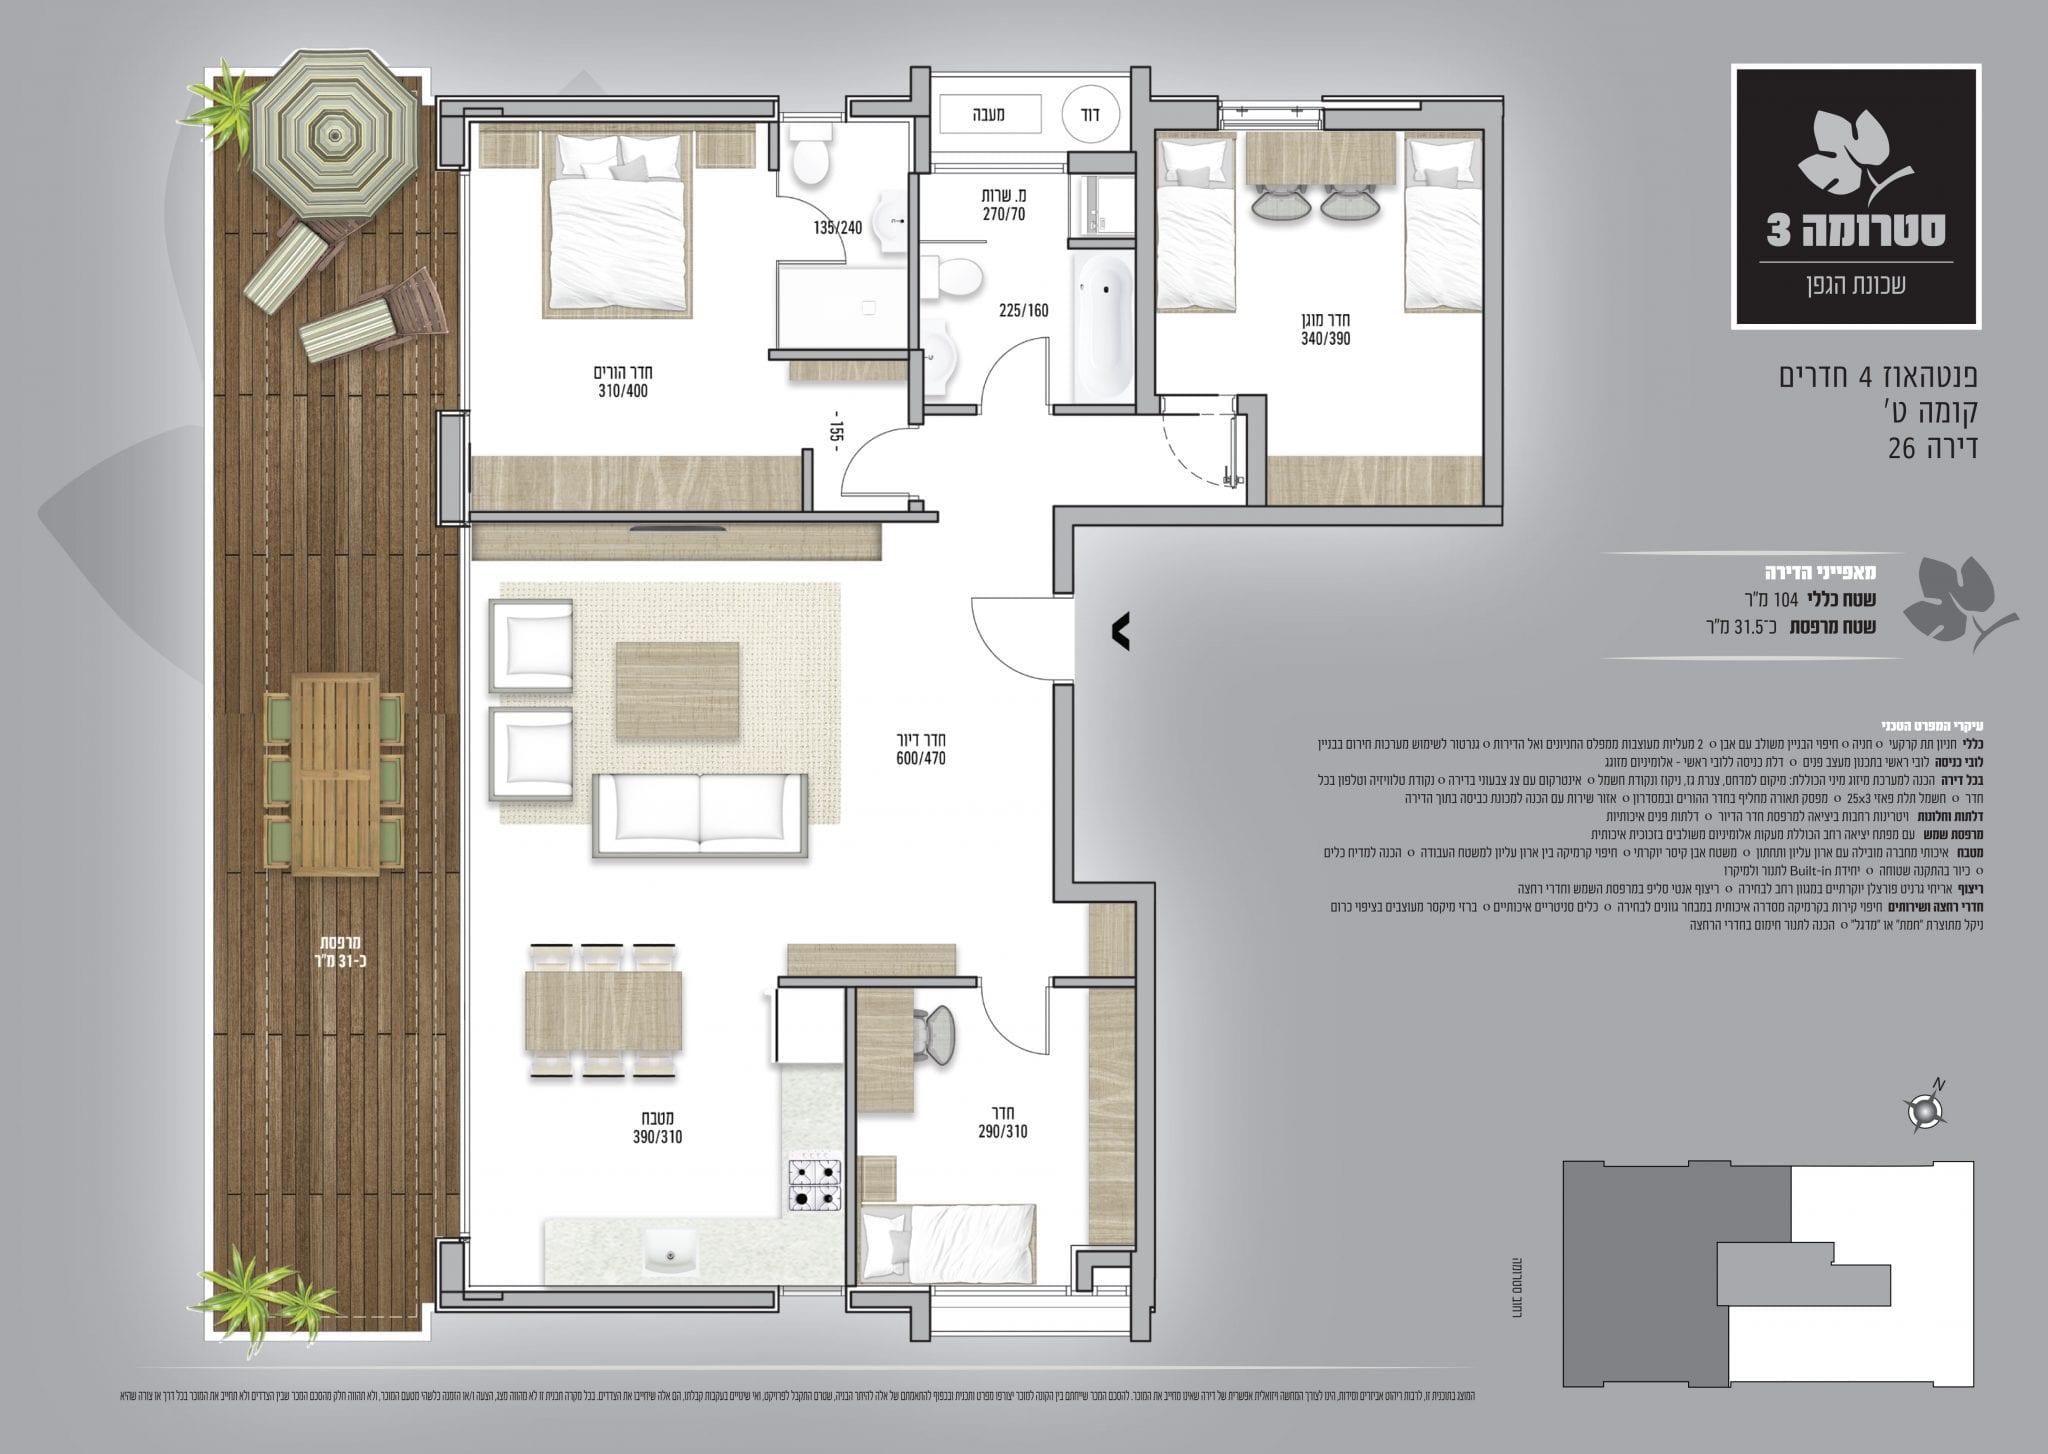 פנטהאוז 4 חדרים - מספר 26